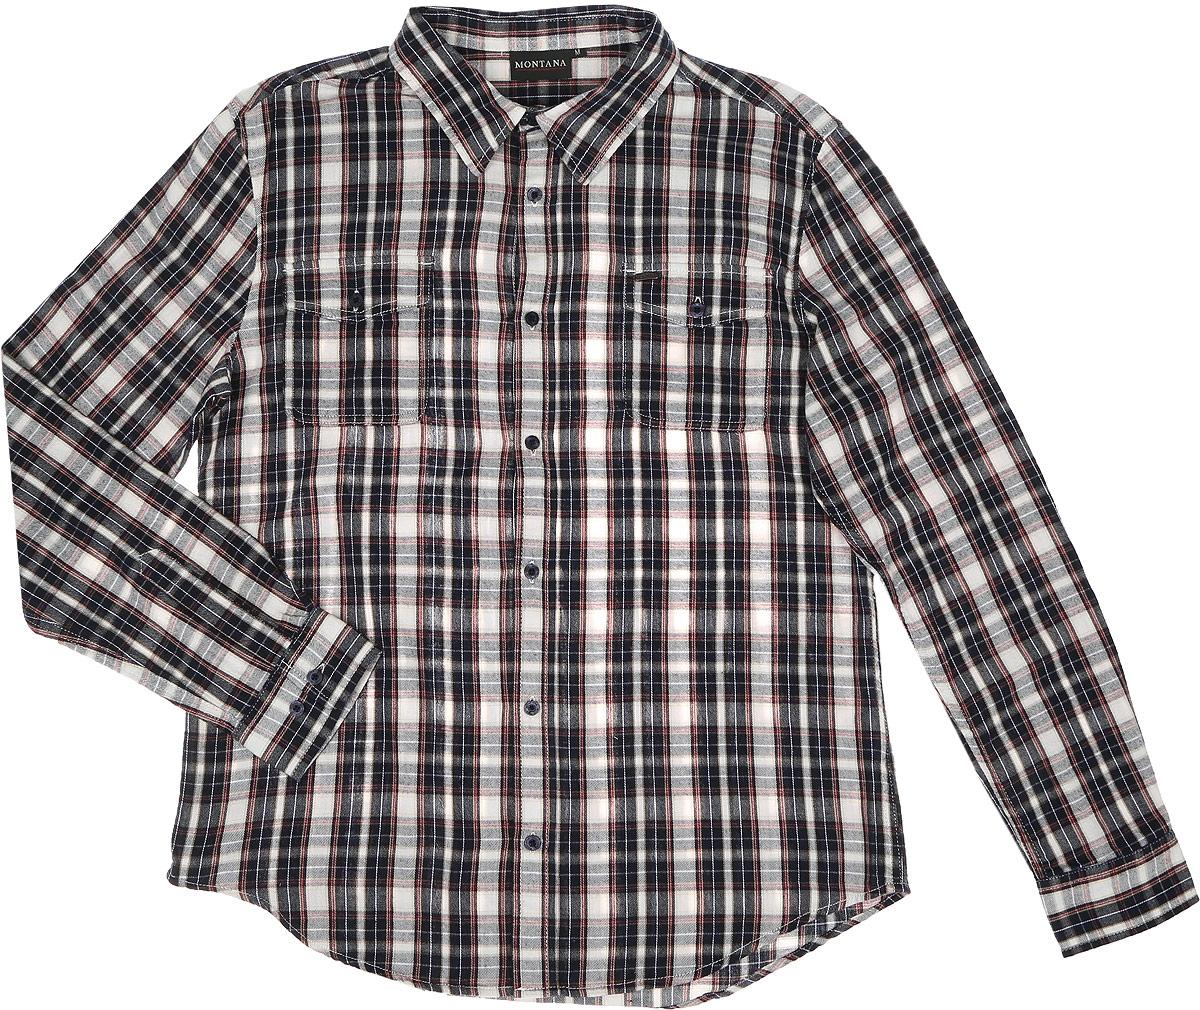 Рубашка11058_CHECKСтильная мужская рубашка Montana, выполненная из натурального хлопка, позволяет коже дышать, тем самым обеспечивая наибольший комфорт при носке. Модель классического кроя с отложным воротником и длинными рукавами застегивается на пуговицы по всей длине. Манжеты рукавов дополнены застежками-пуговицами. Модель дополнена на груди двумя накладными карманами с клапанами на пуговицах.